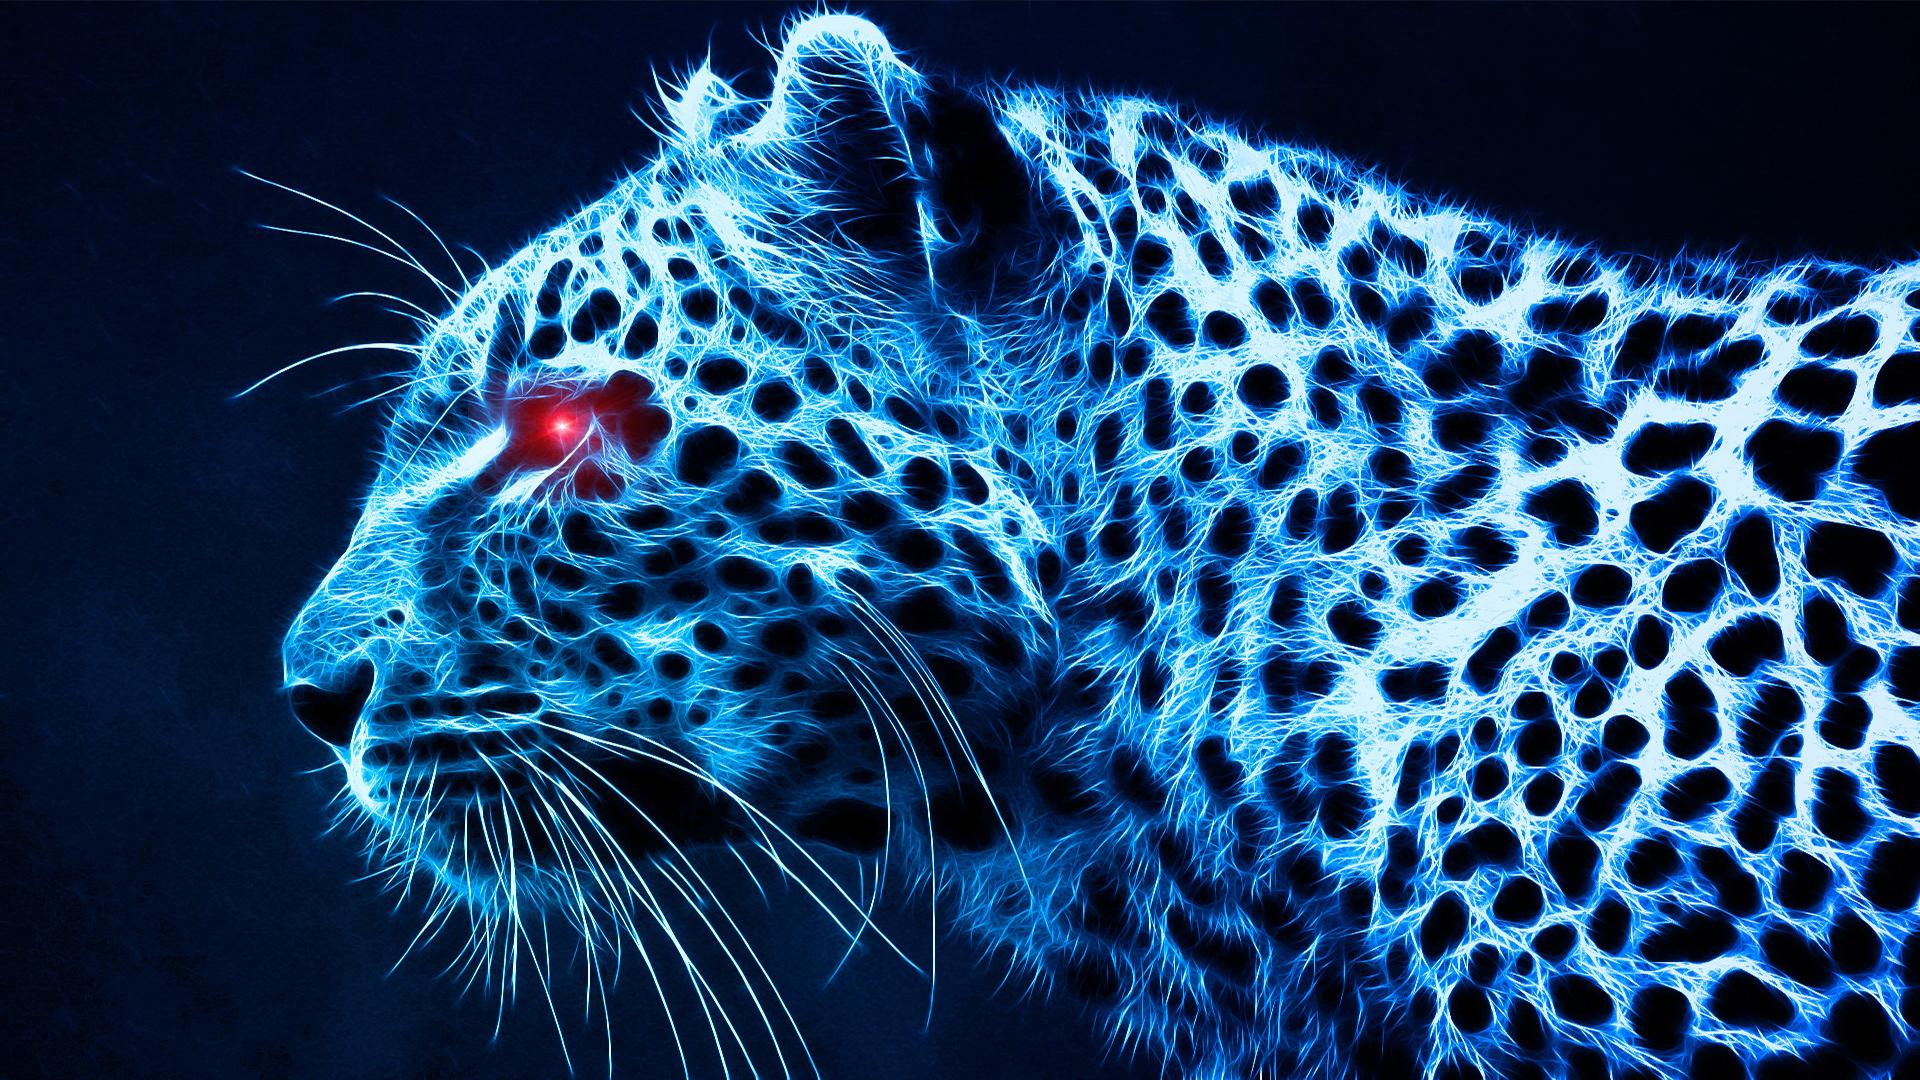 Leopard wallpaper 1920x1080 209651 WallpaperUP 1920x1080